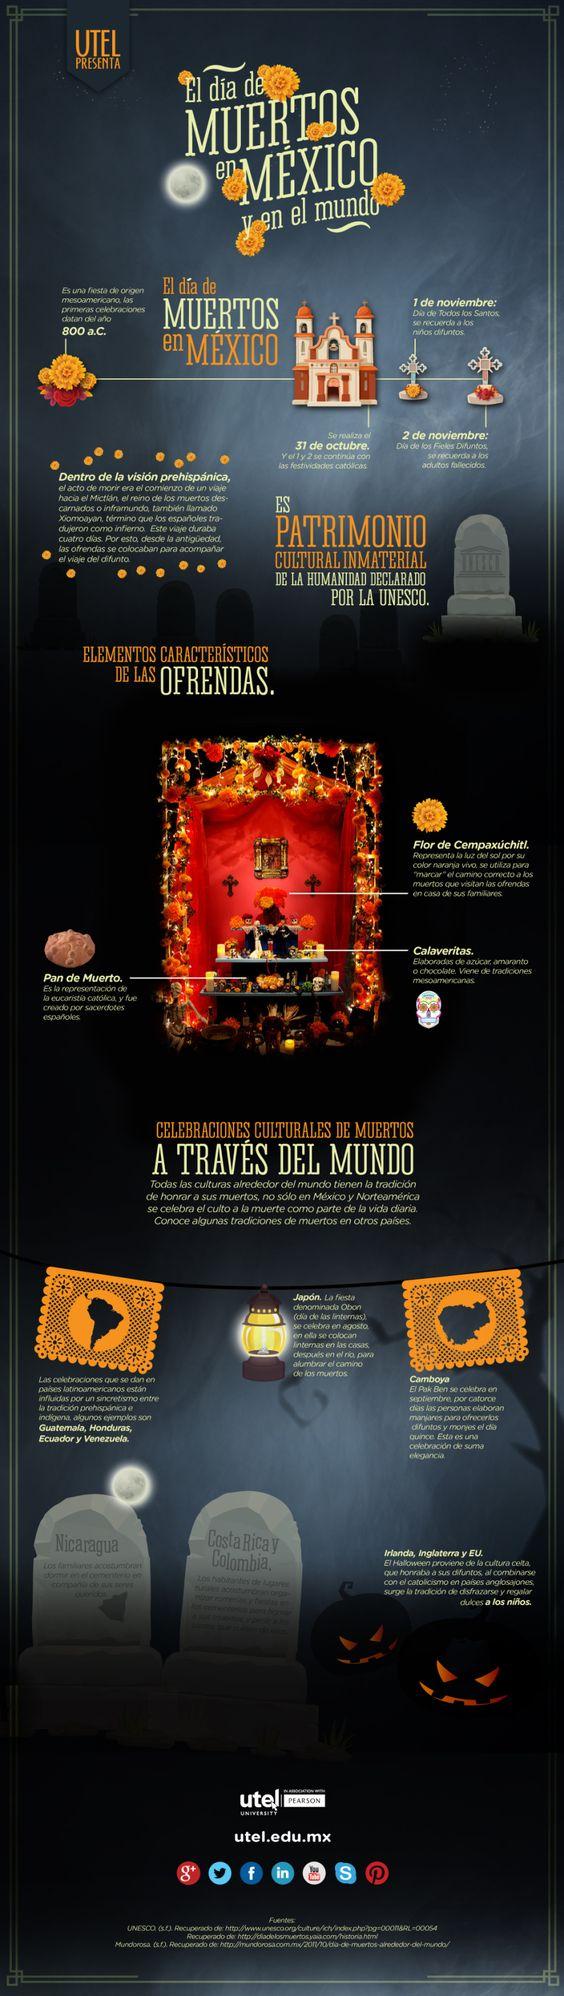 El día de los muertos en México y el Mundo